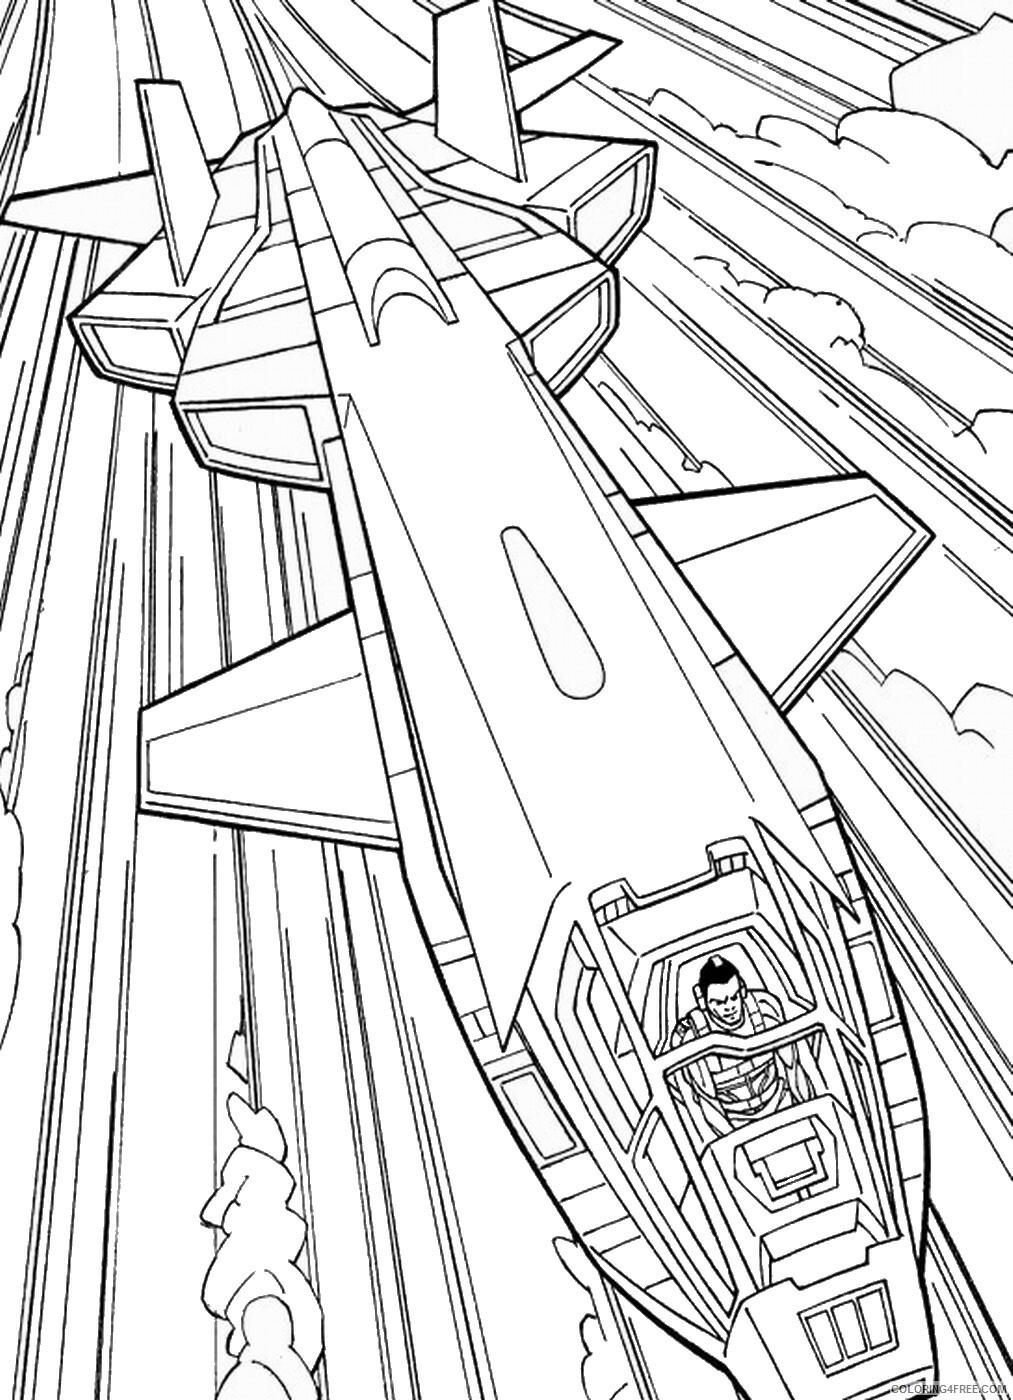 GI Joe Coloring Pages gi_joe_cl_18 Printable 2021 2846 Coloring4free